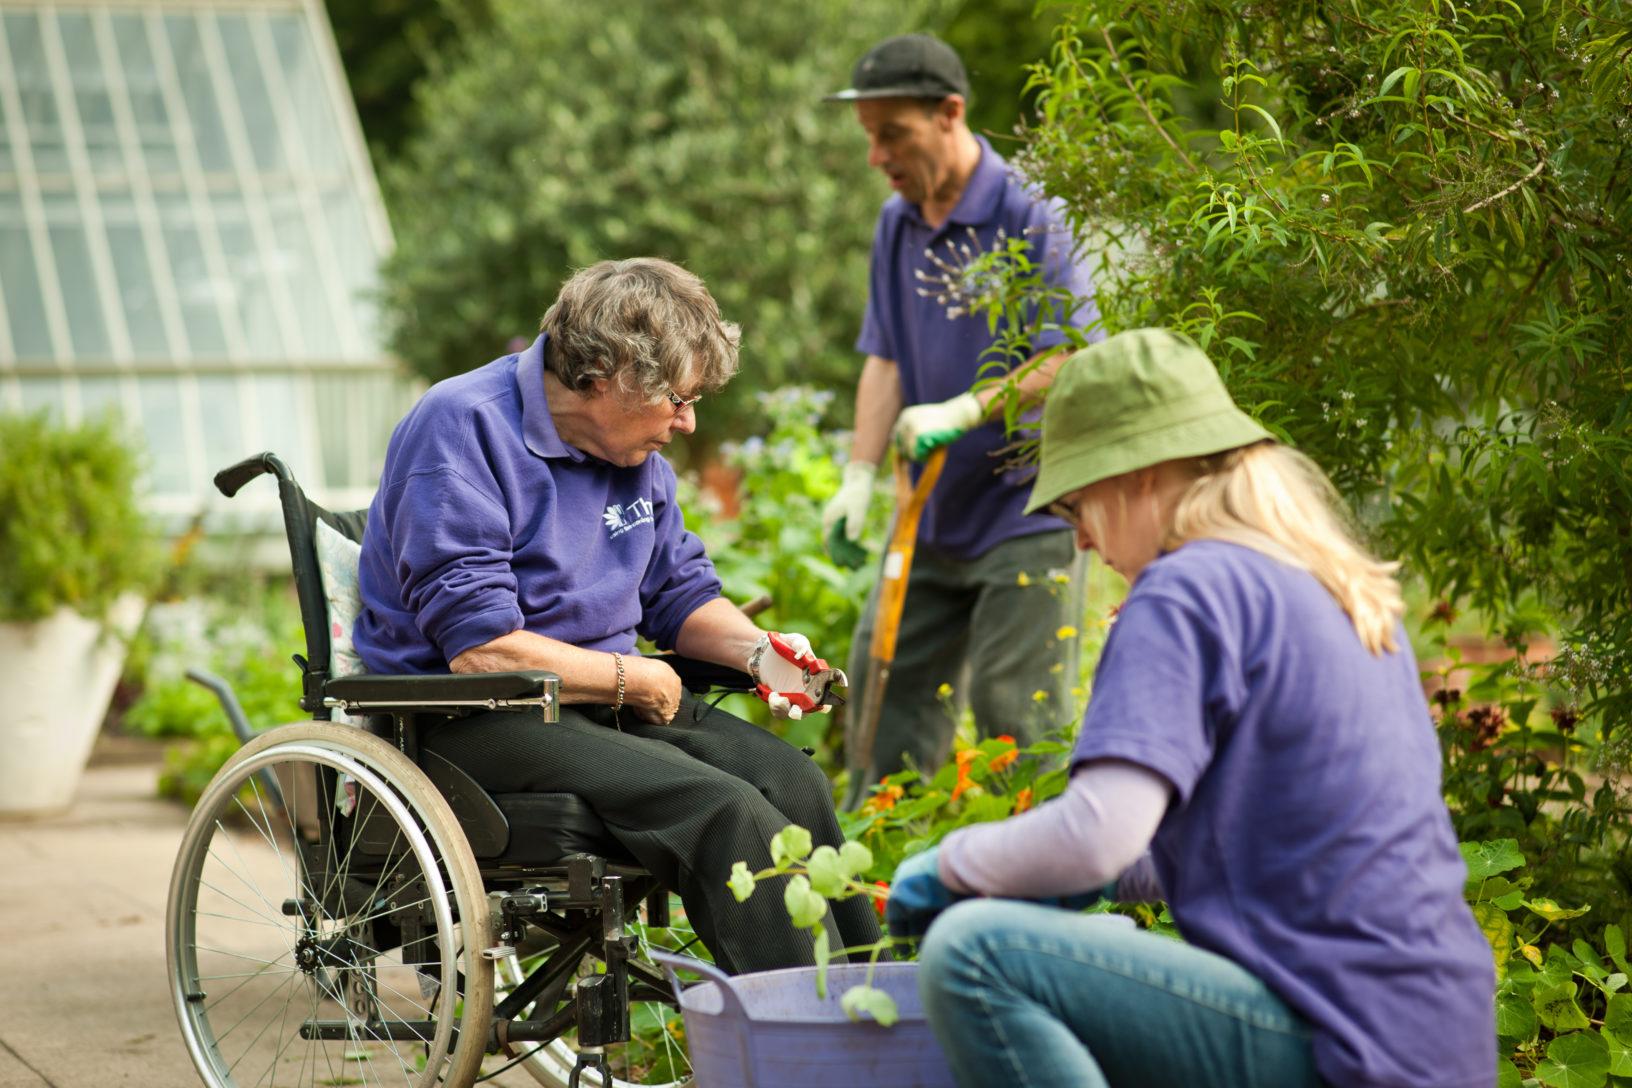 Team working in the garden